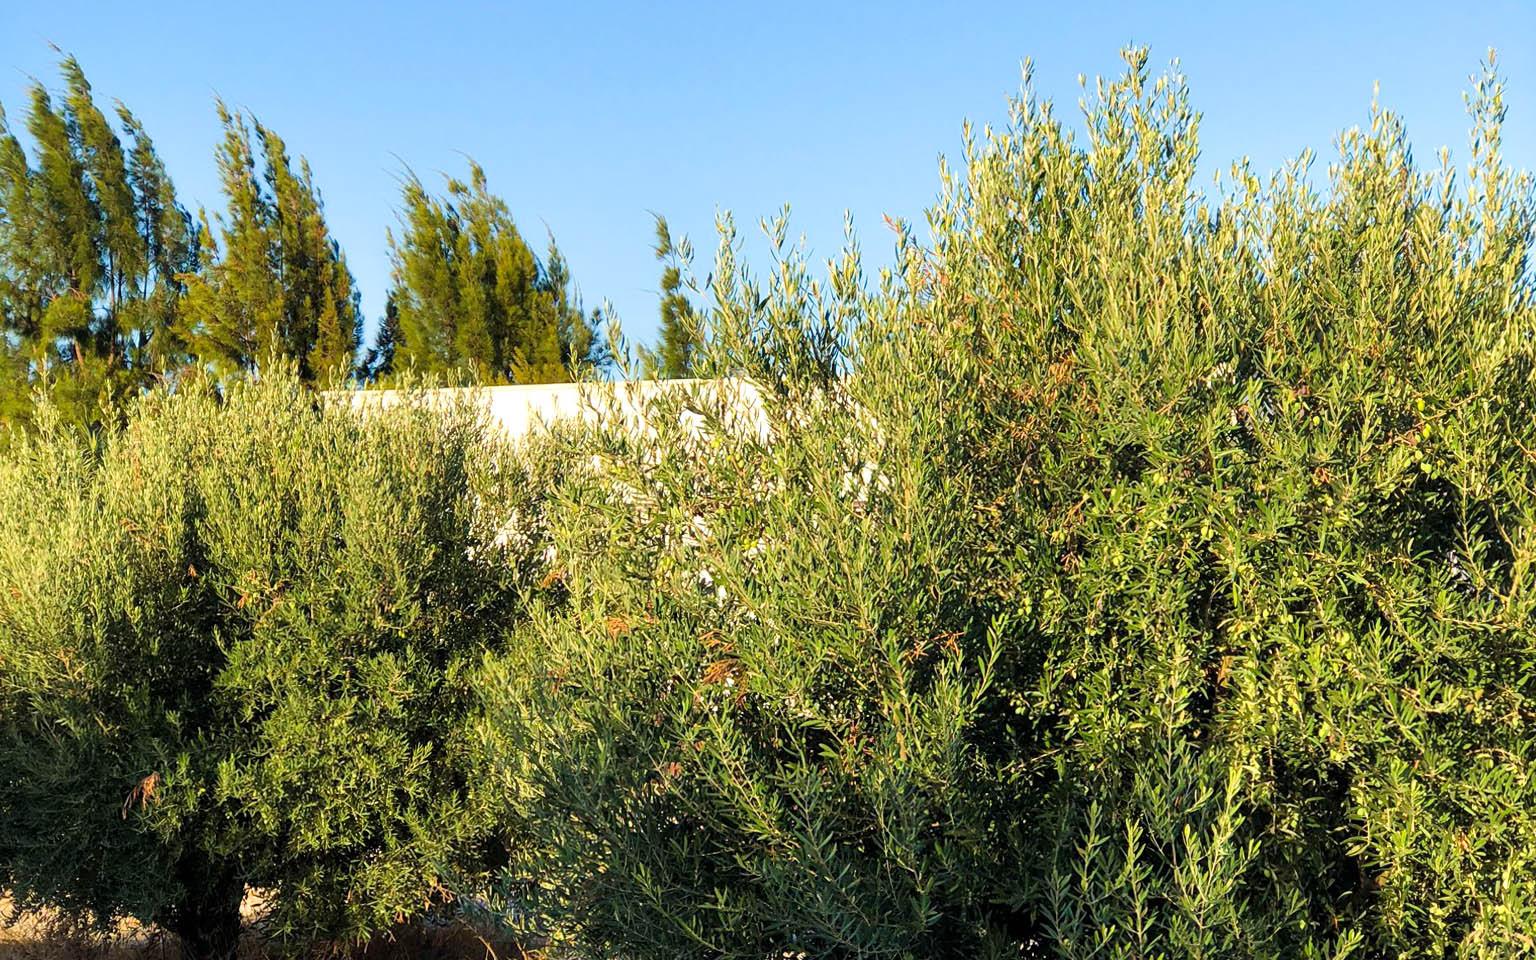 Vivienda en Mahoya. Casa entre olivos en Abanilla. Exterior olivos